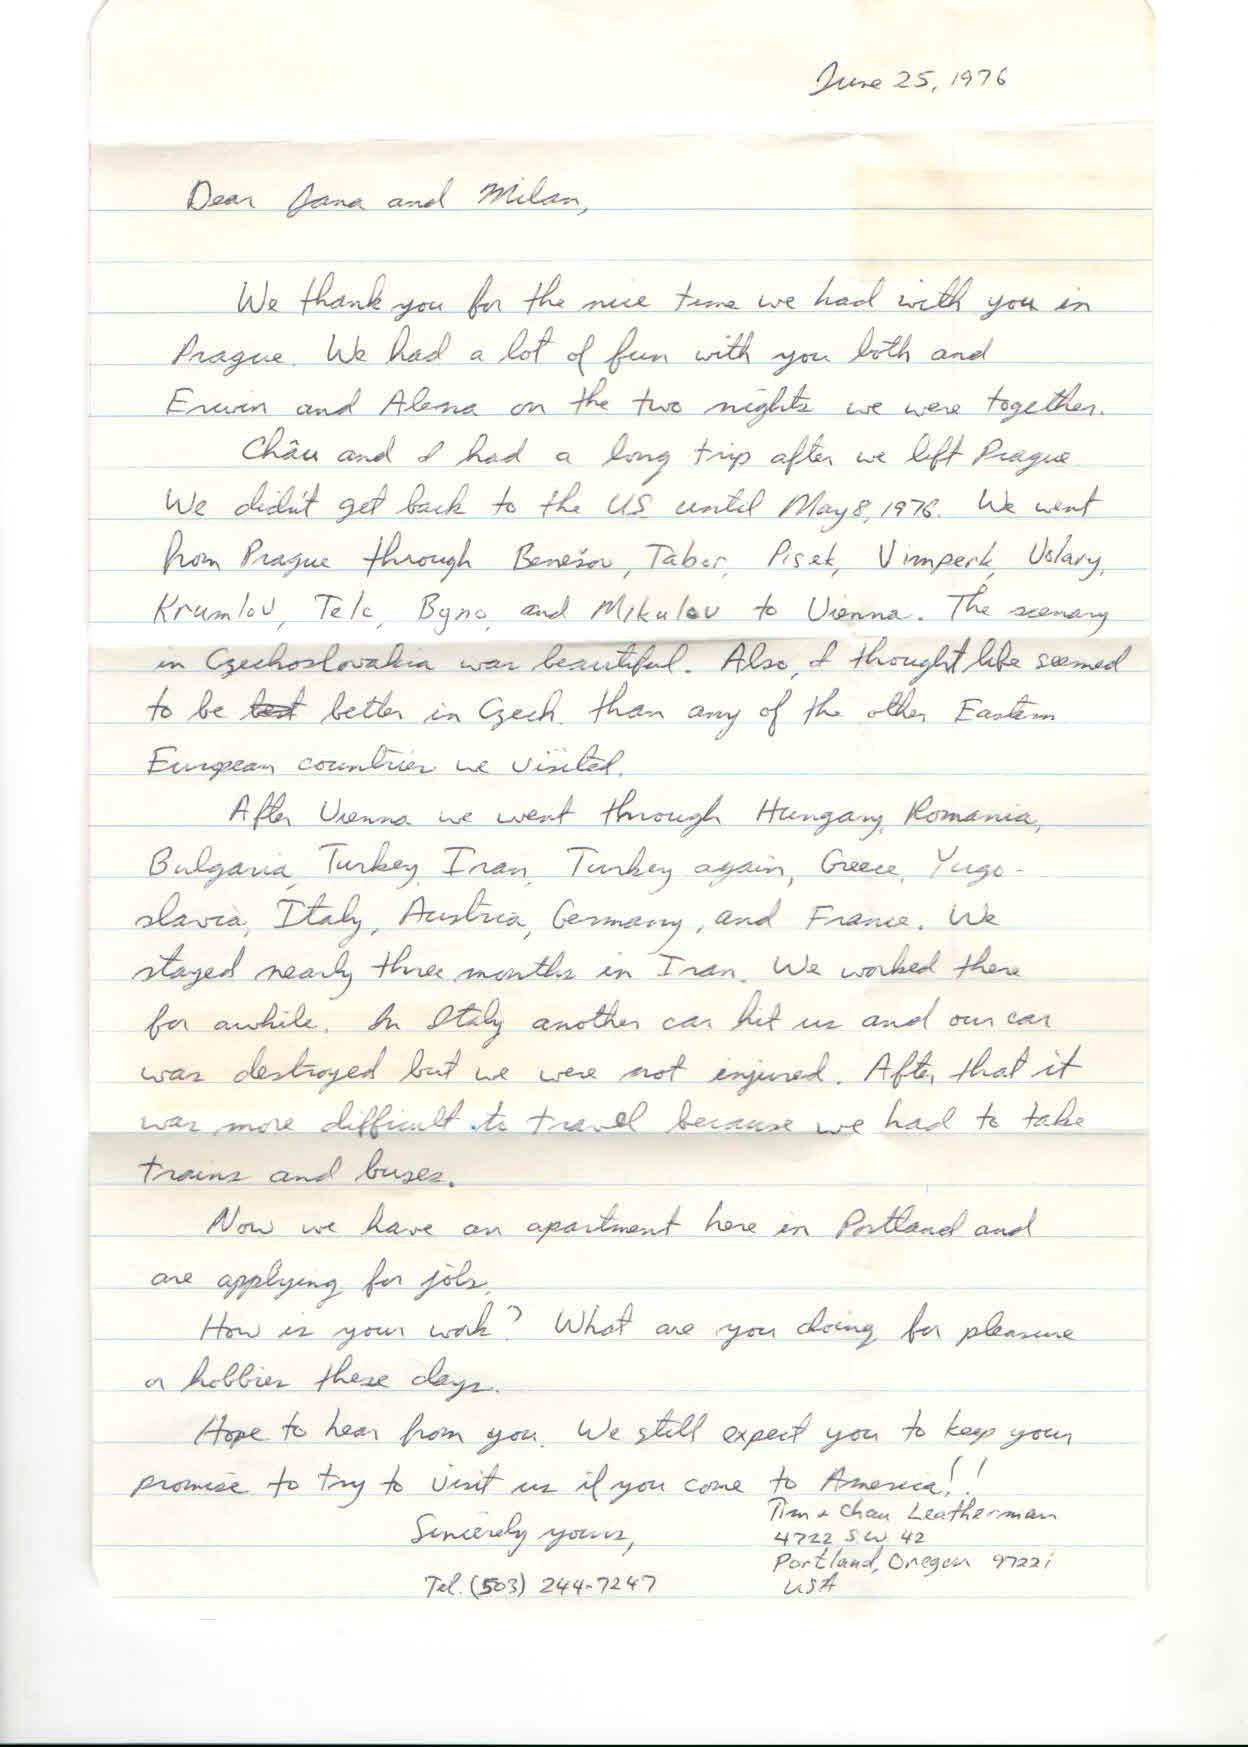 dopisu od Tima Leathermana